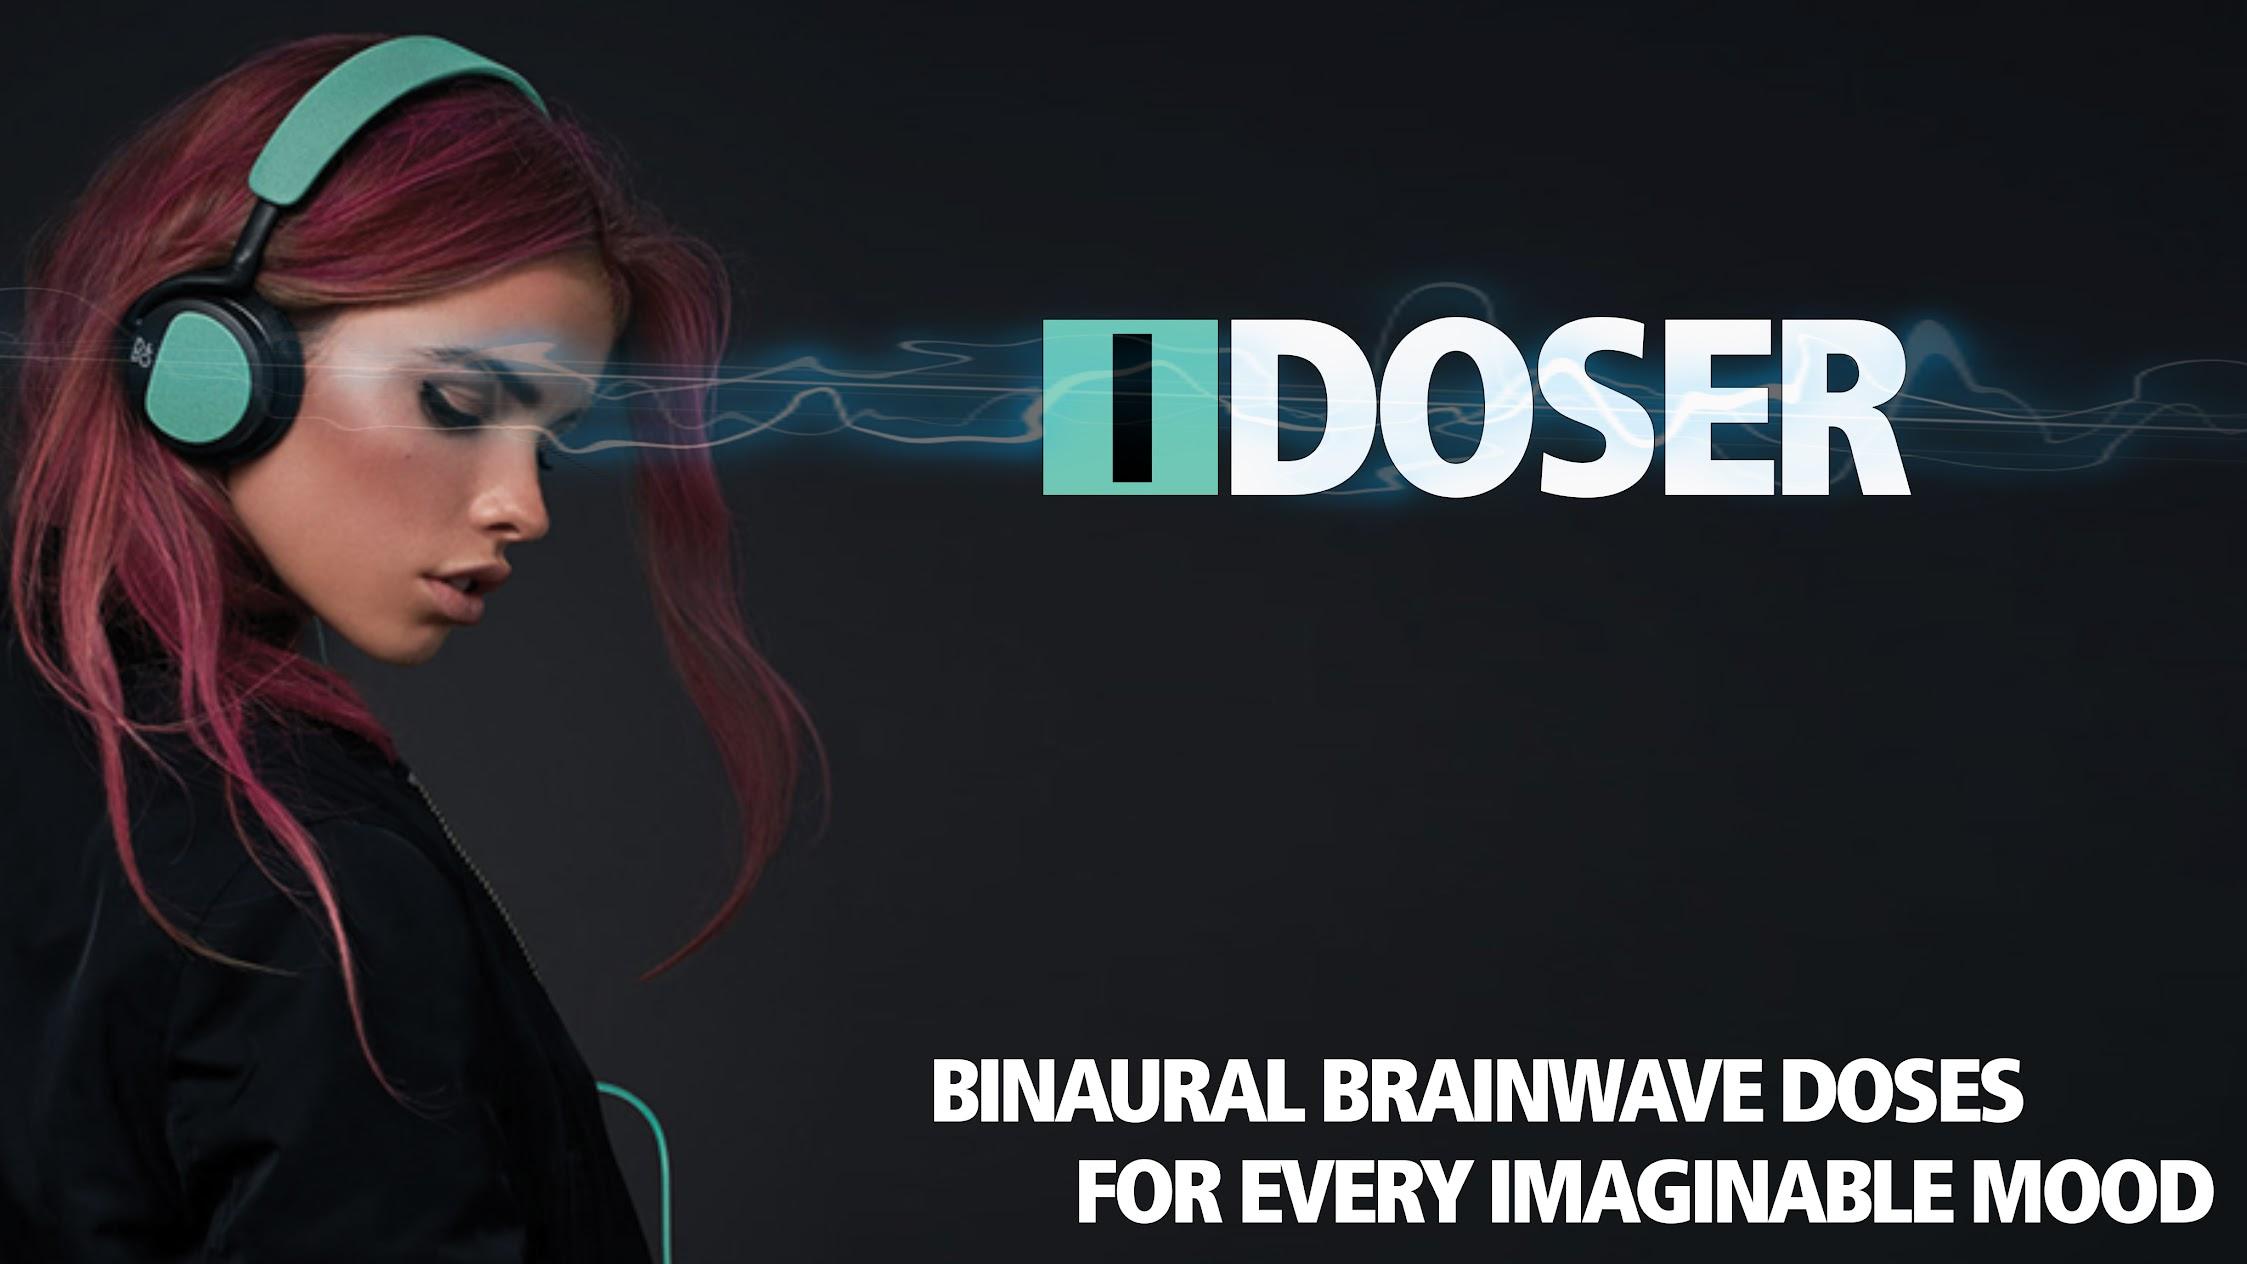 I-Doser.com